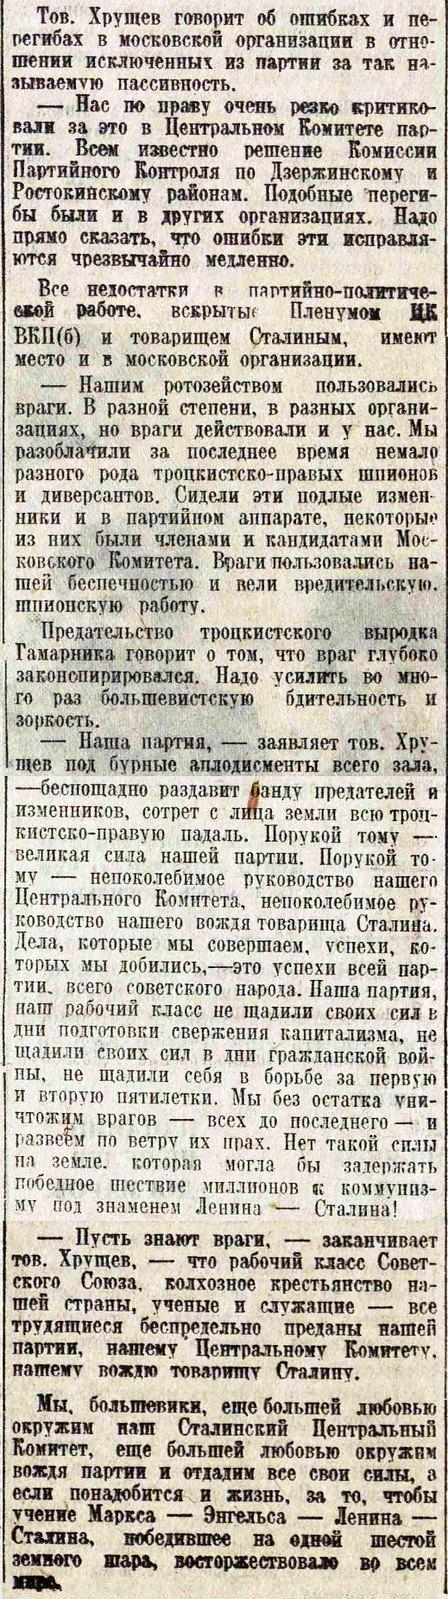 Товарищ Хрущев борется с культом личности Сталина